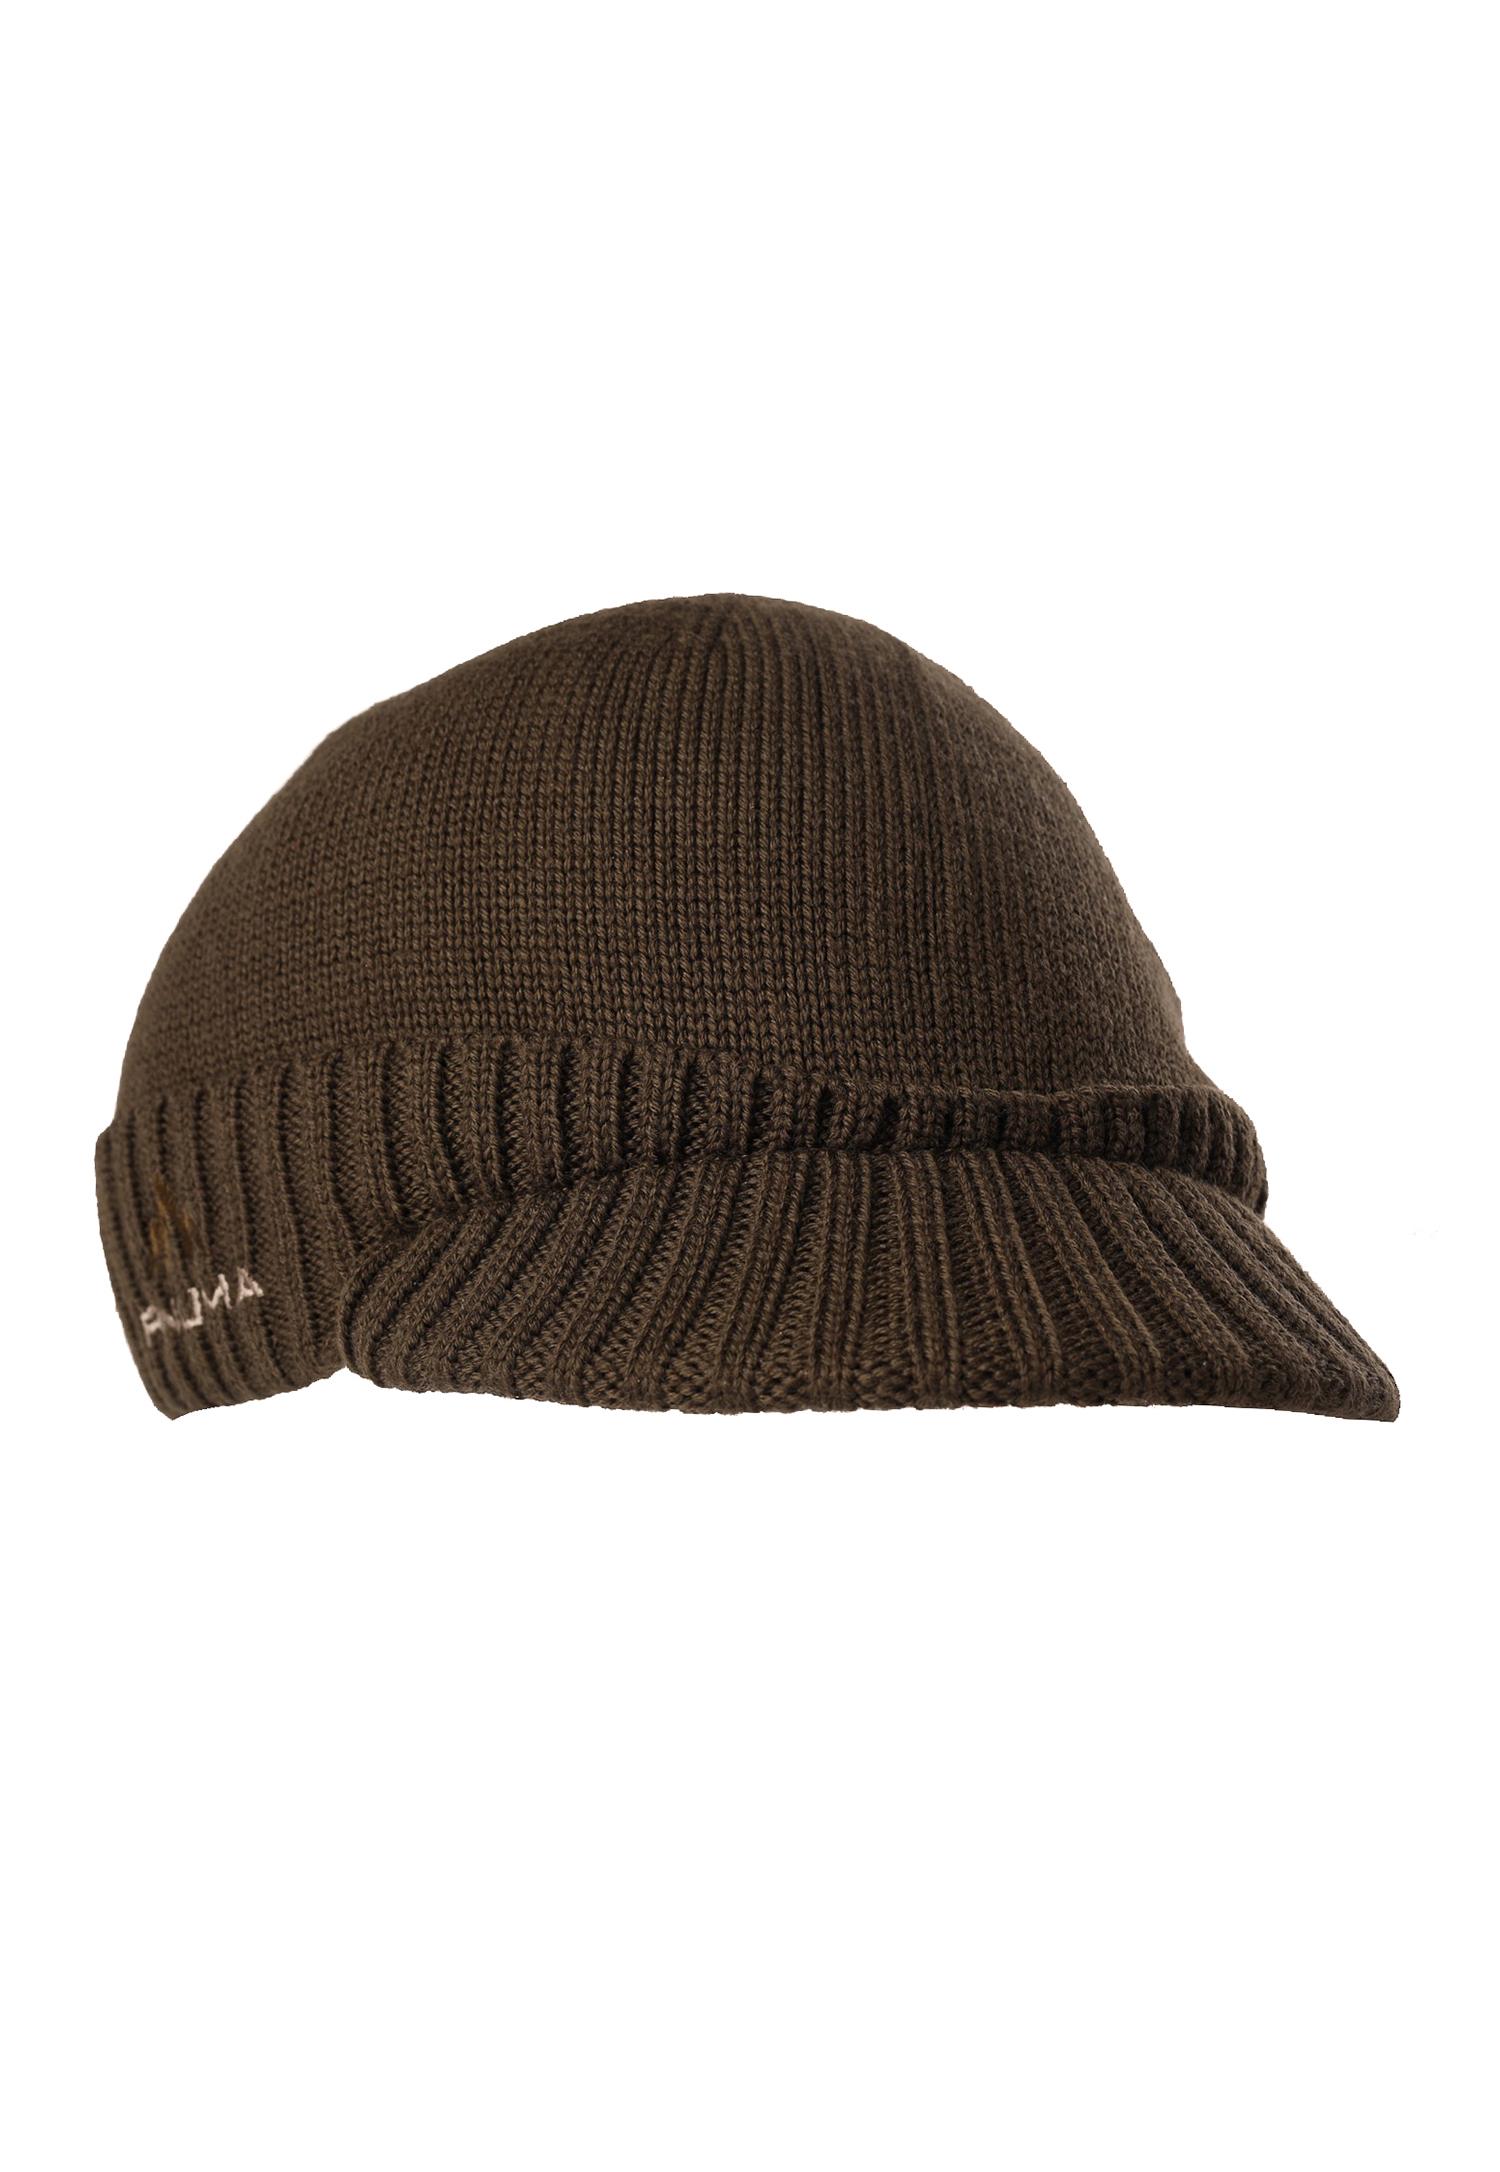 Merino Wool Visor Beanie